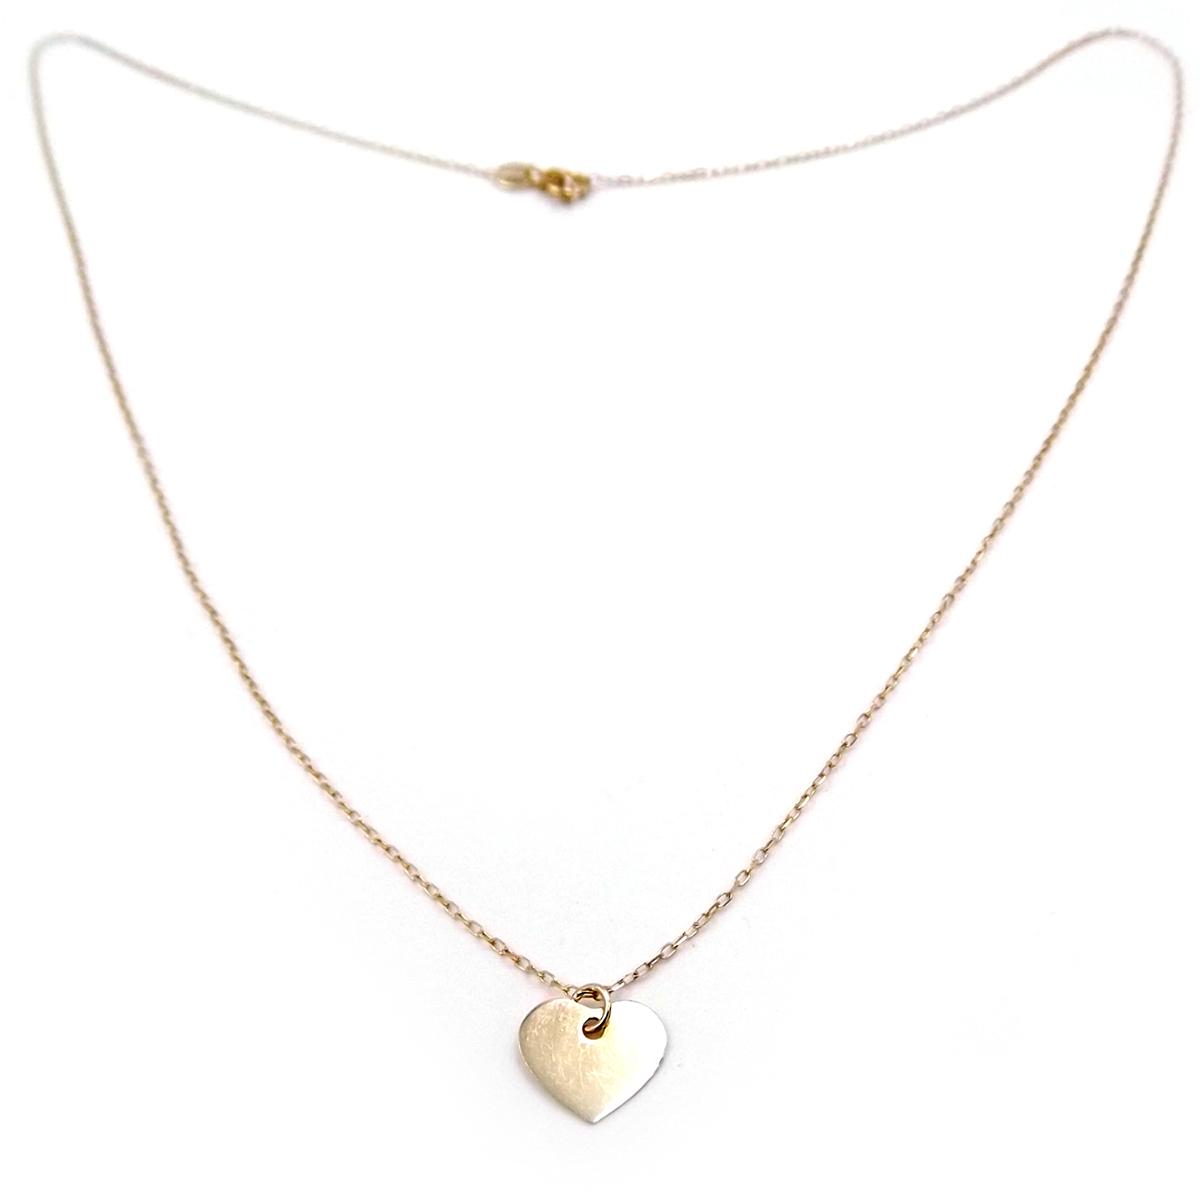 0367c86dcea2 Collar mujer de oro amarillo con colgante CORAZÓN cadena gargantilla ...